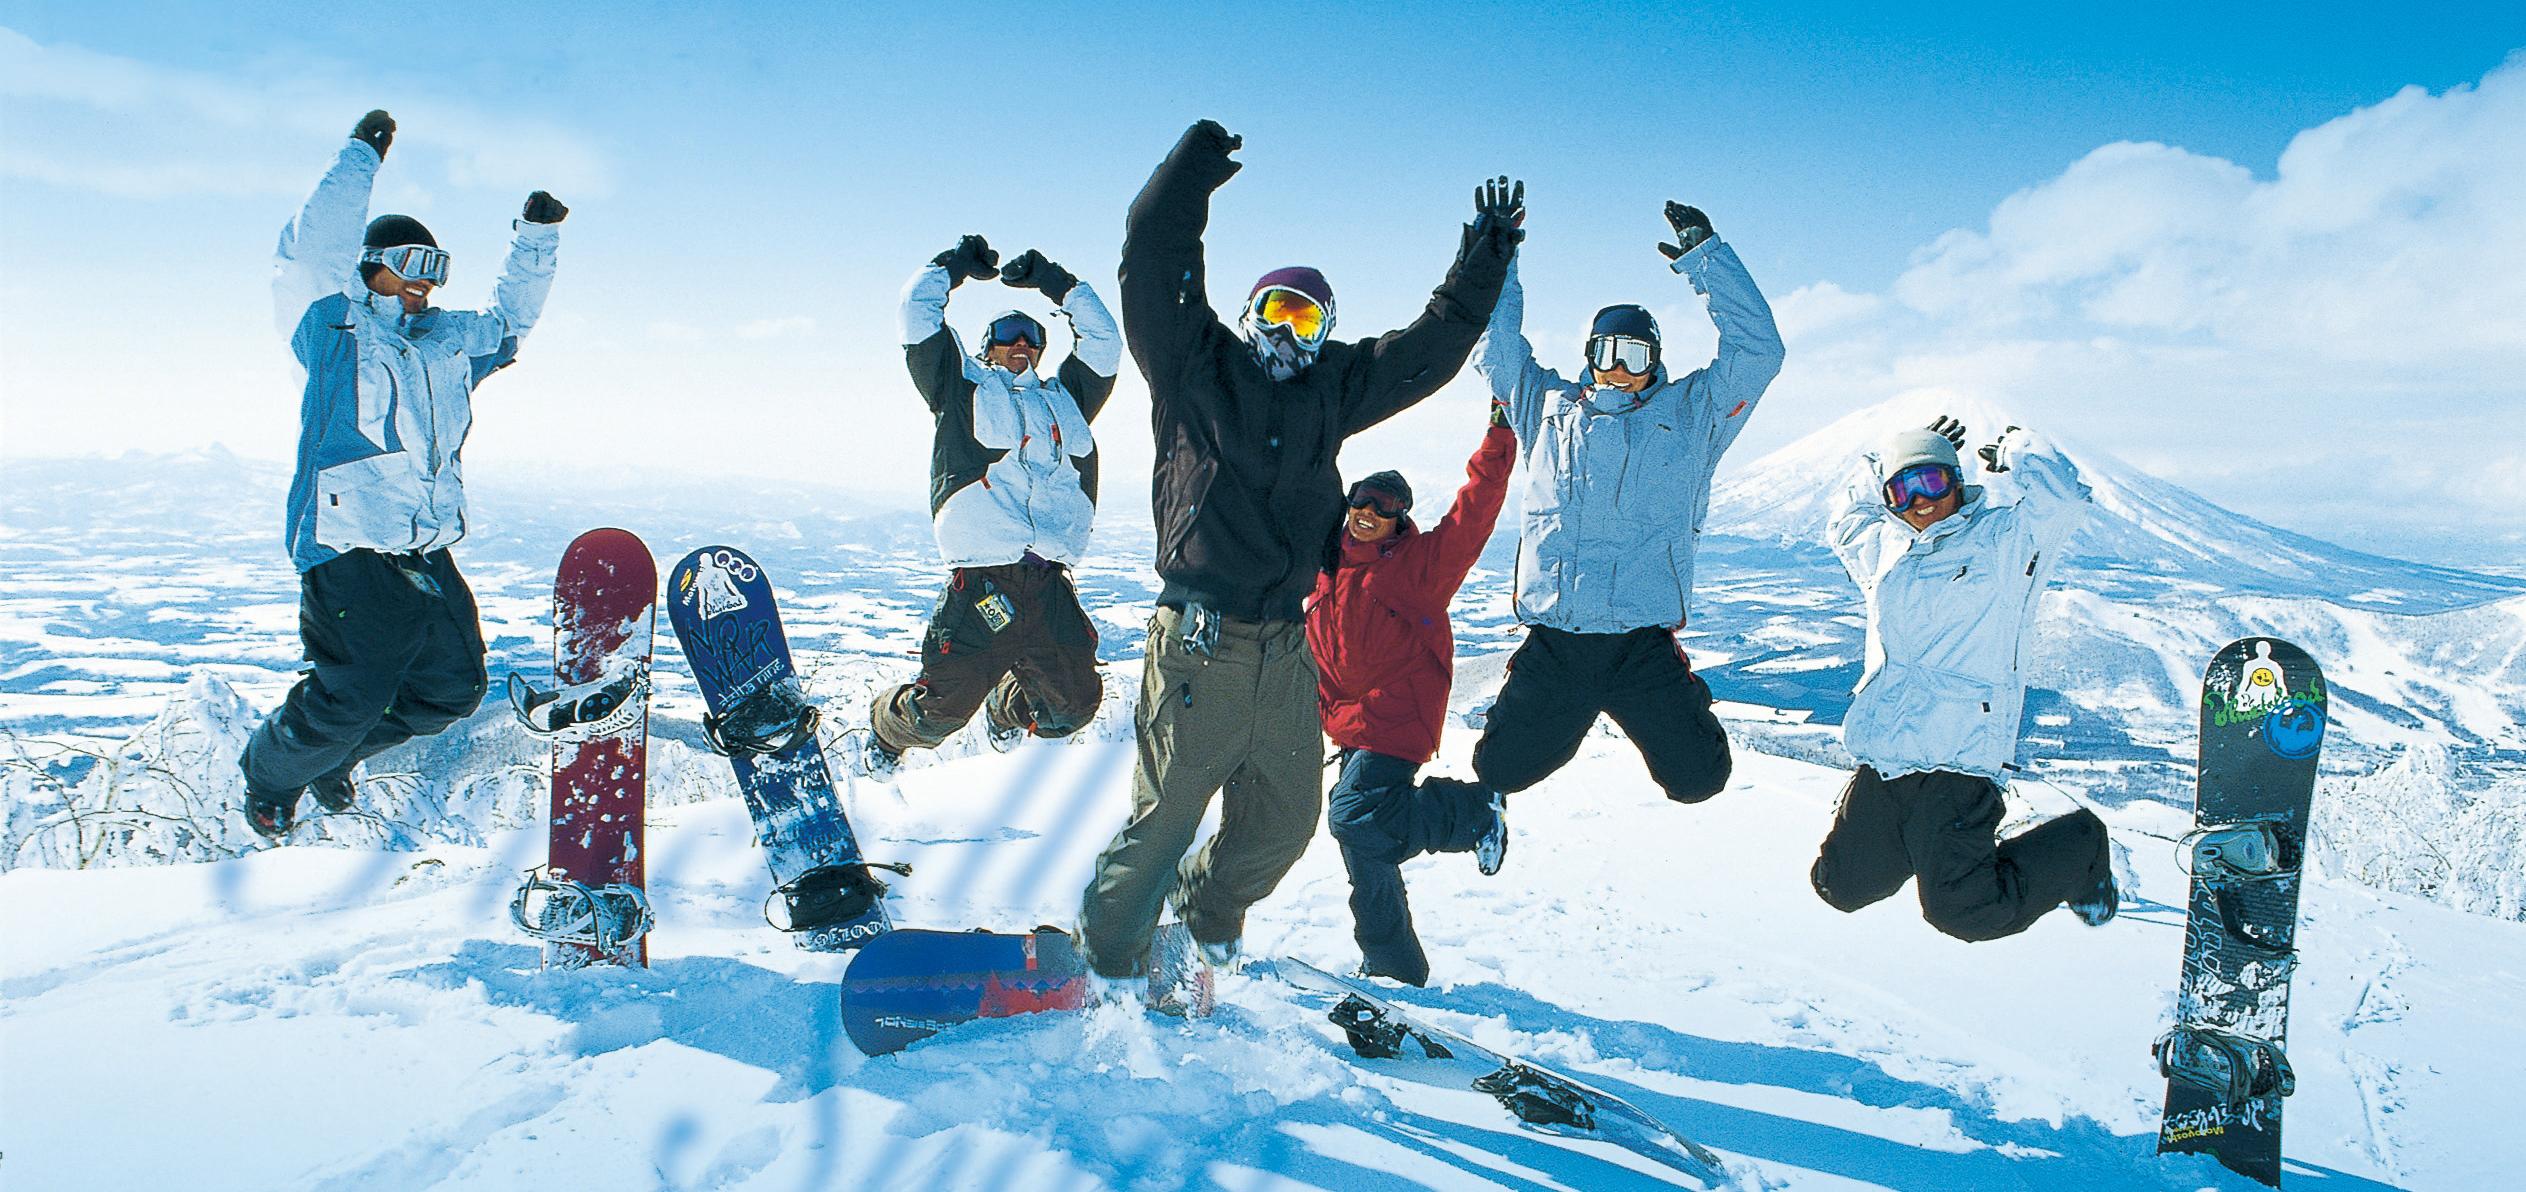 Echipamentul de snowboard al incepatorului: 5 lucruri necesare